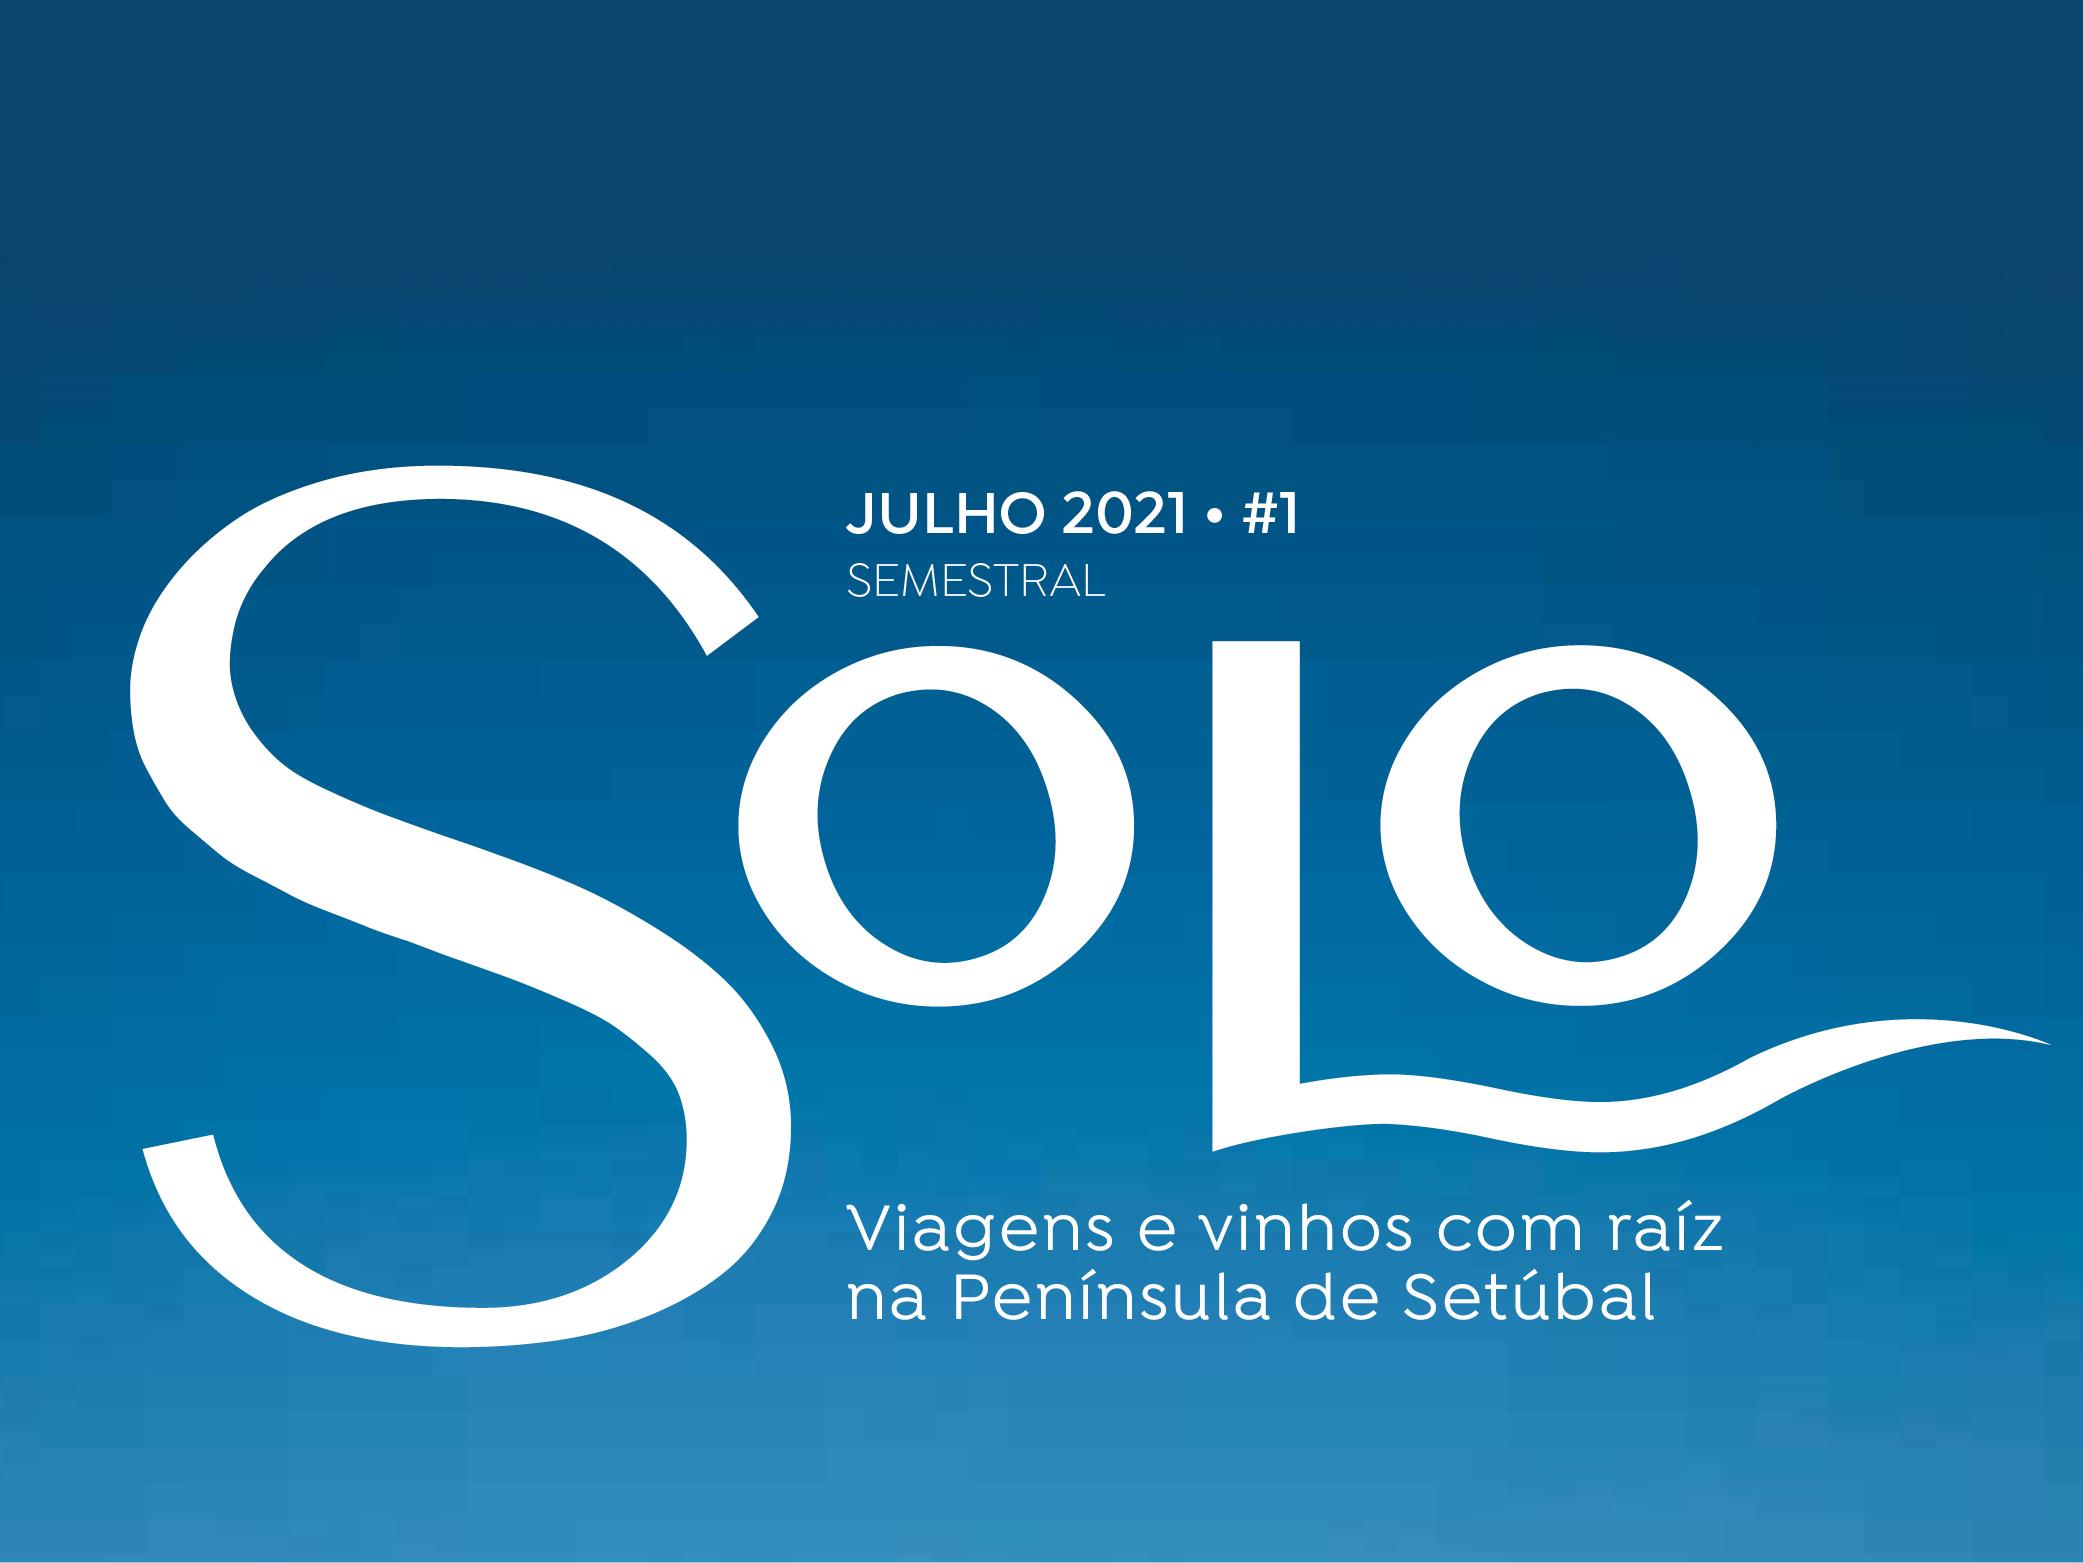 SOLO #1